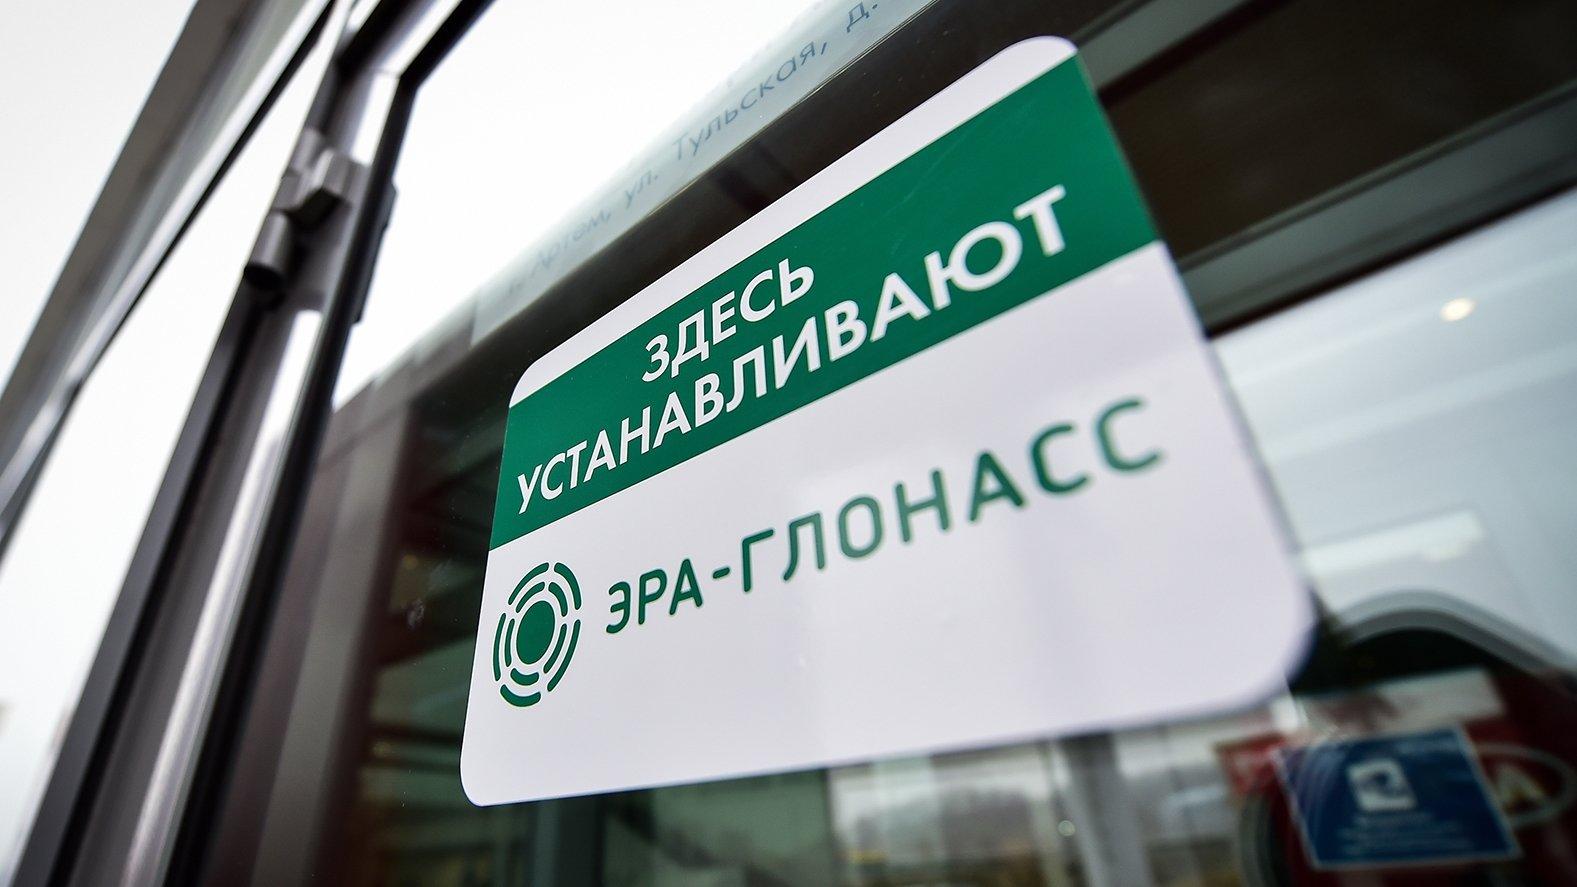 Чипы ГЛОНАСС хотят установить на товары, ввозимые в РФ